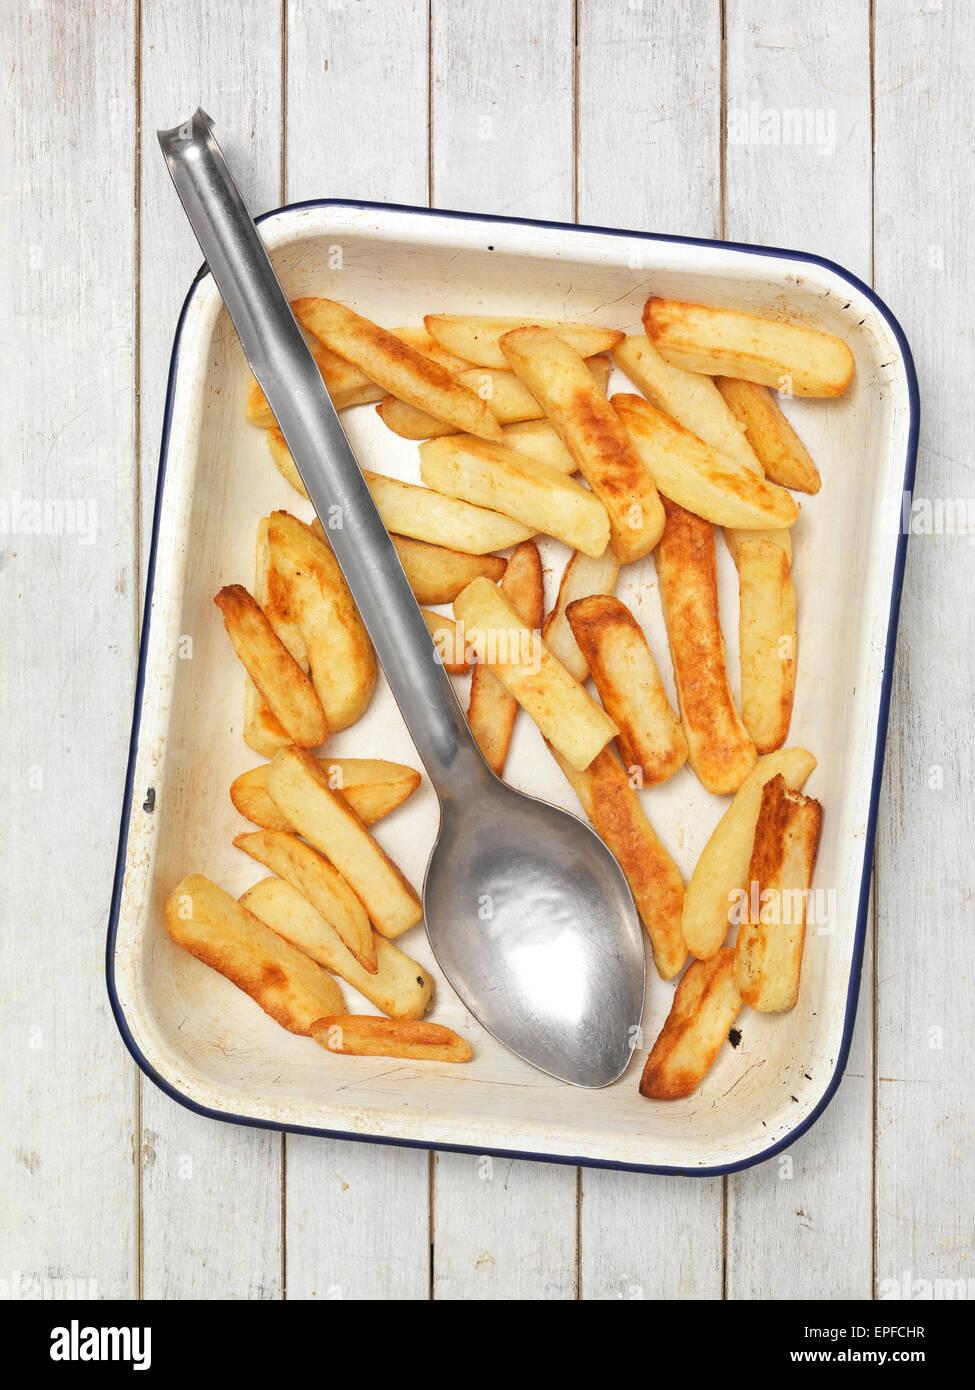 Les frites cuites dans un plat à four Photo Stock